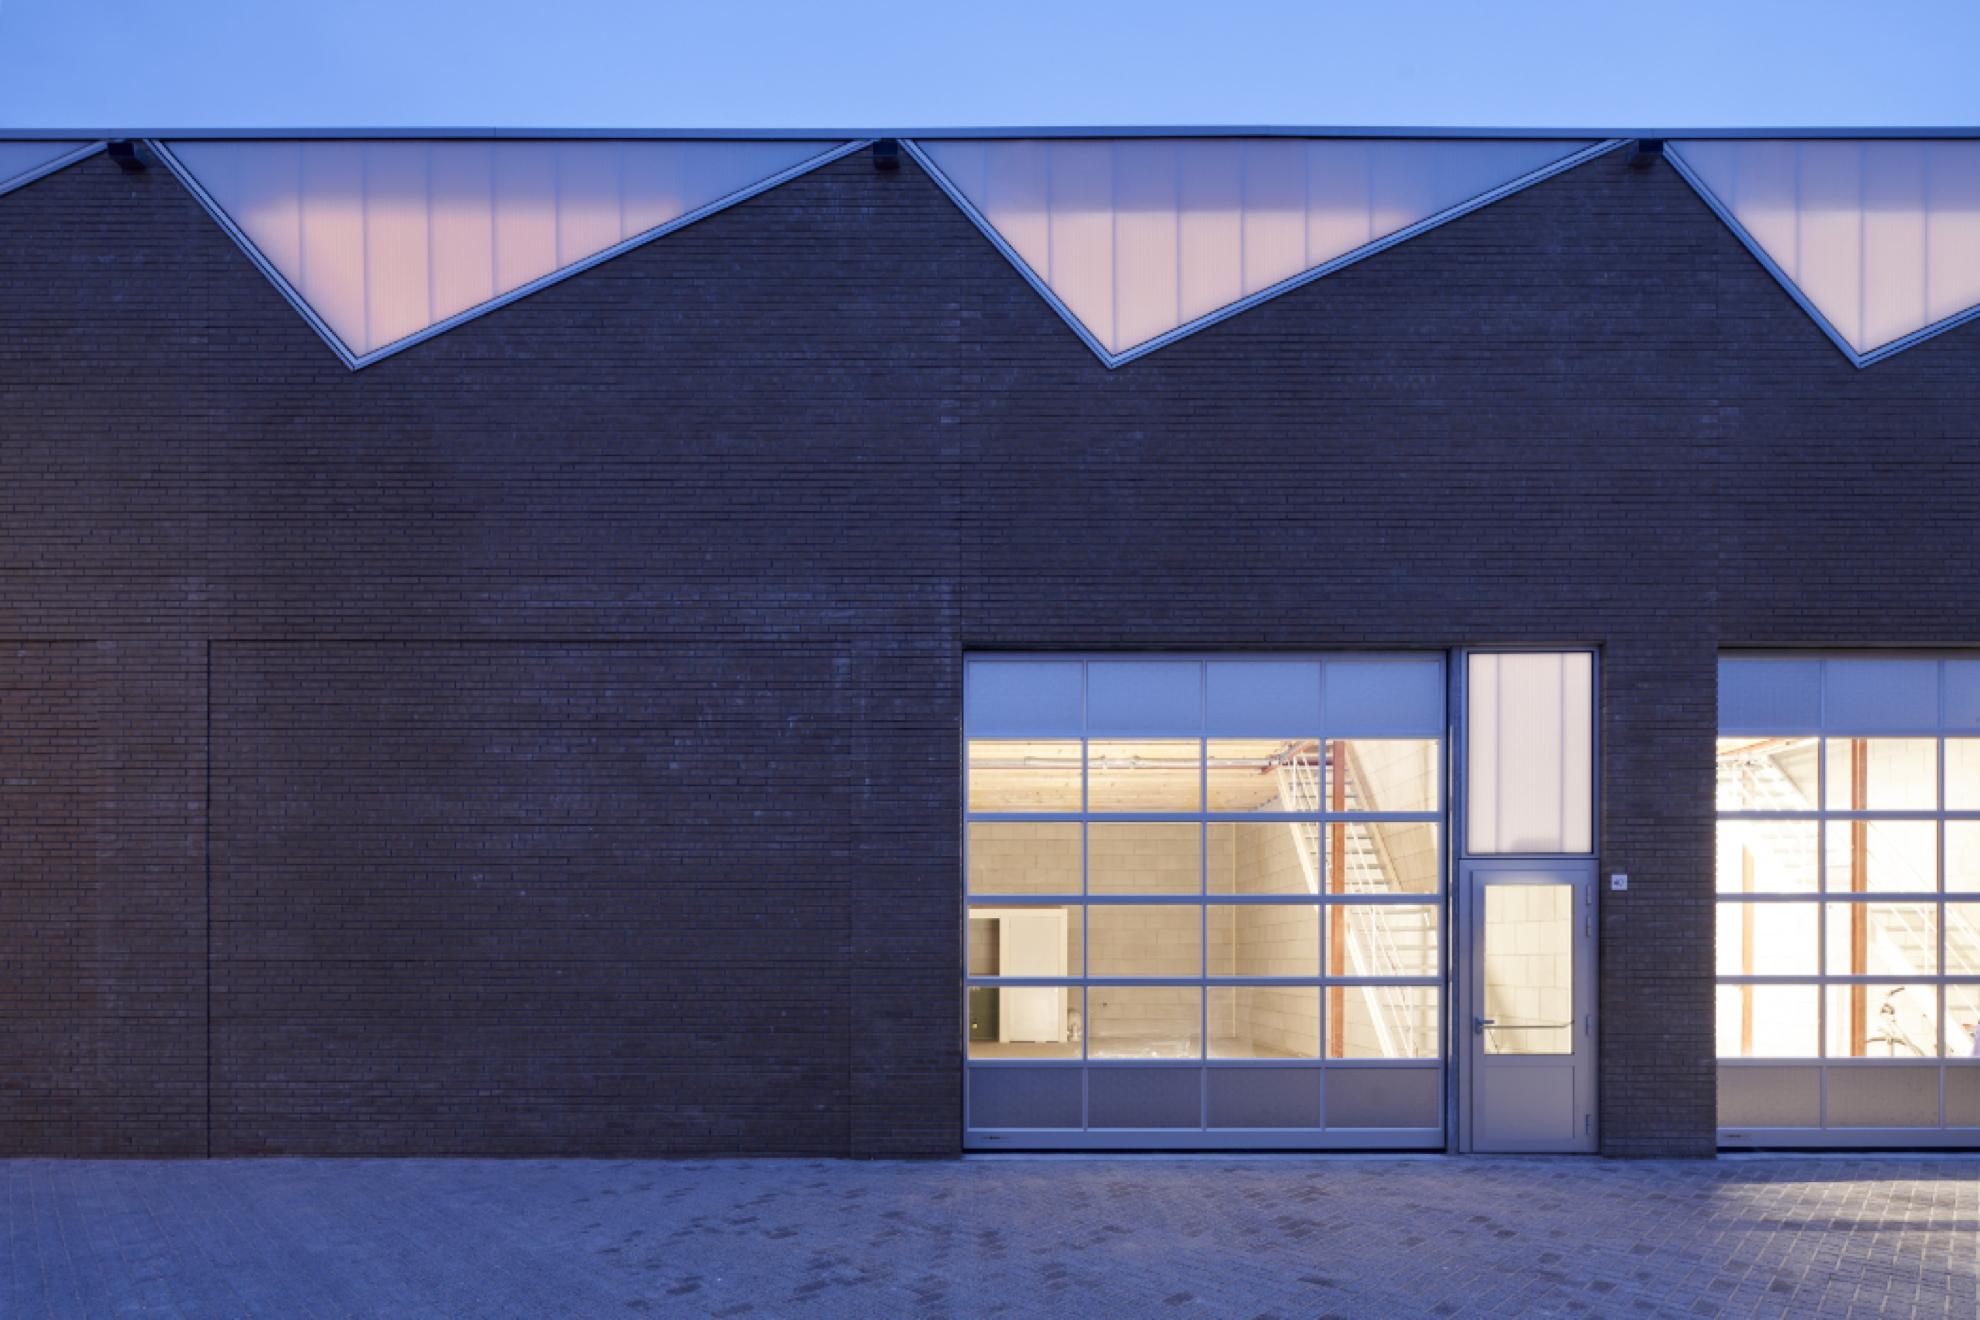 Architettura Sostenibile Architetti architettura industriale sostenibile di derksen|windt